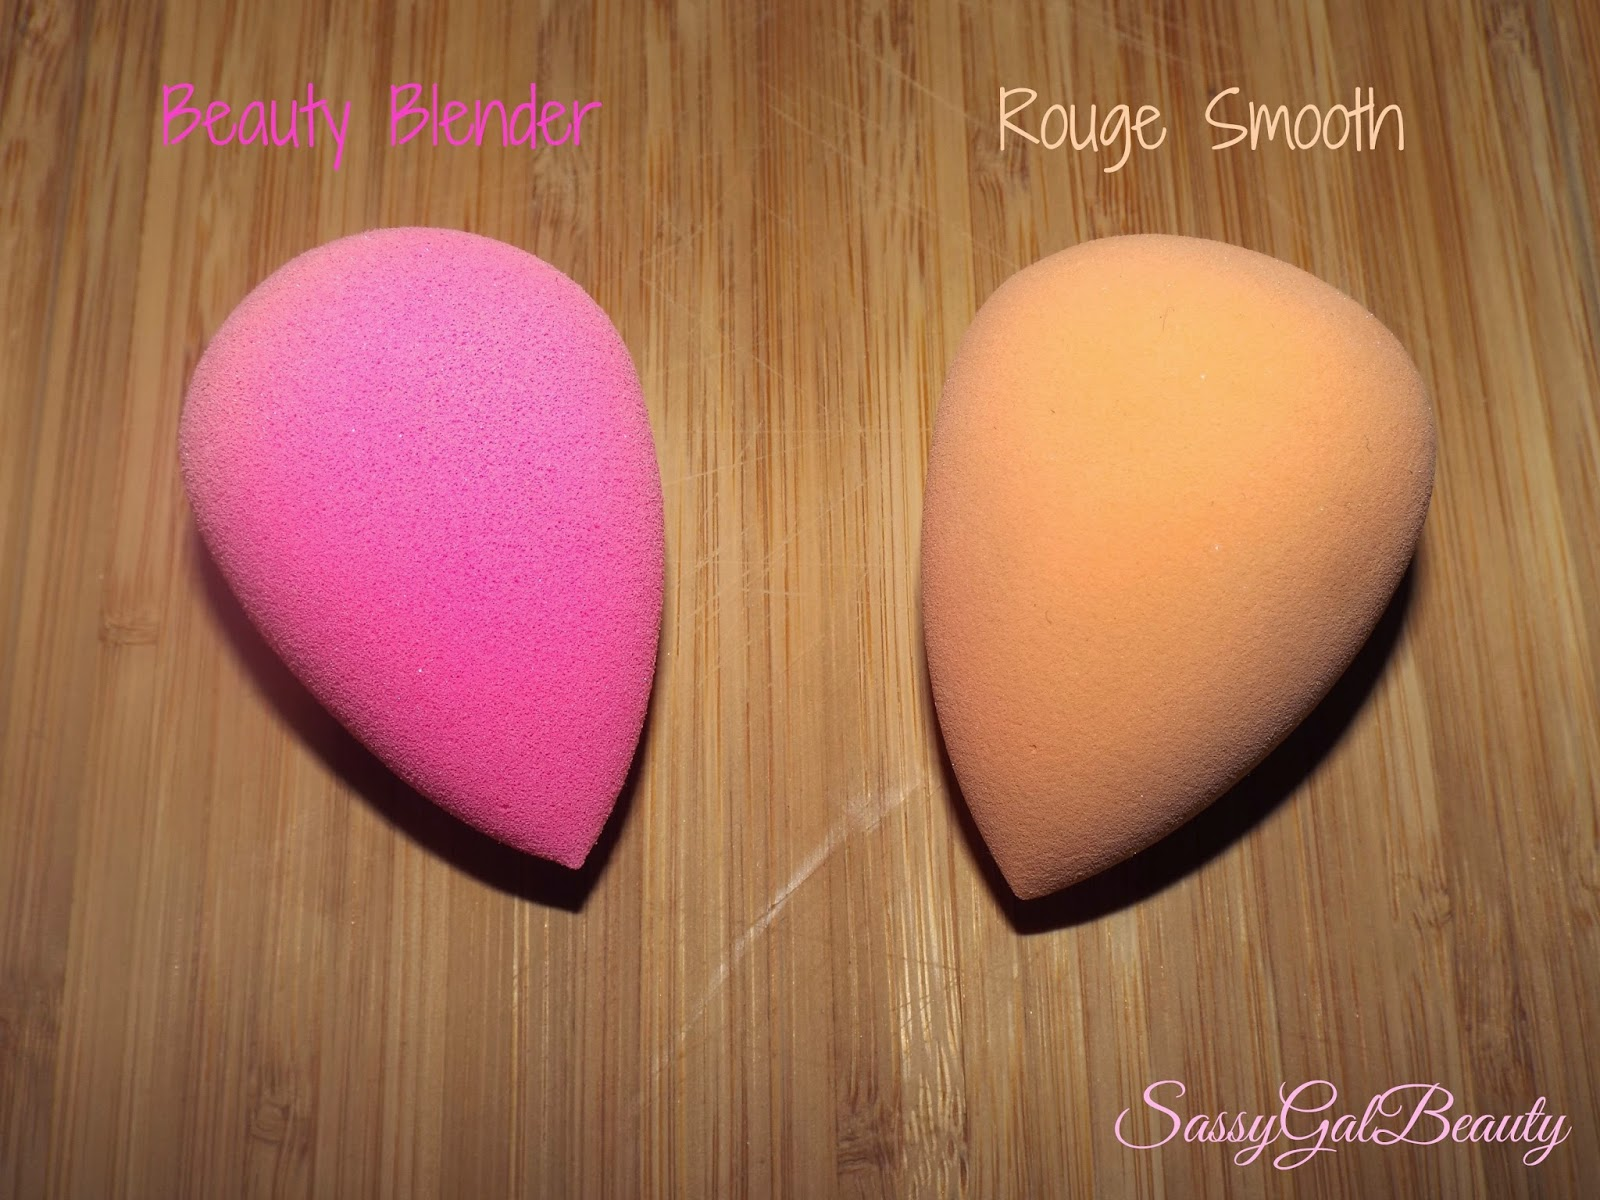 Beauty Blender VS RougeSmooth